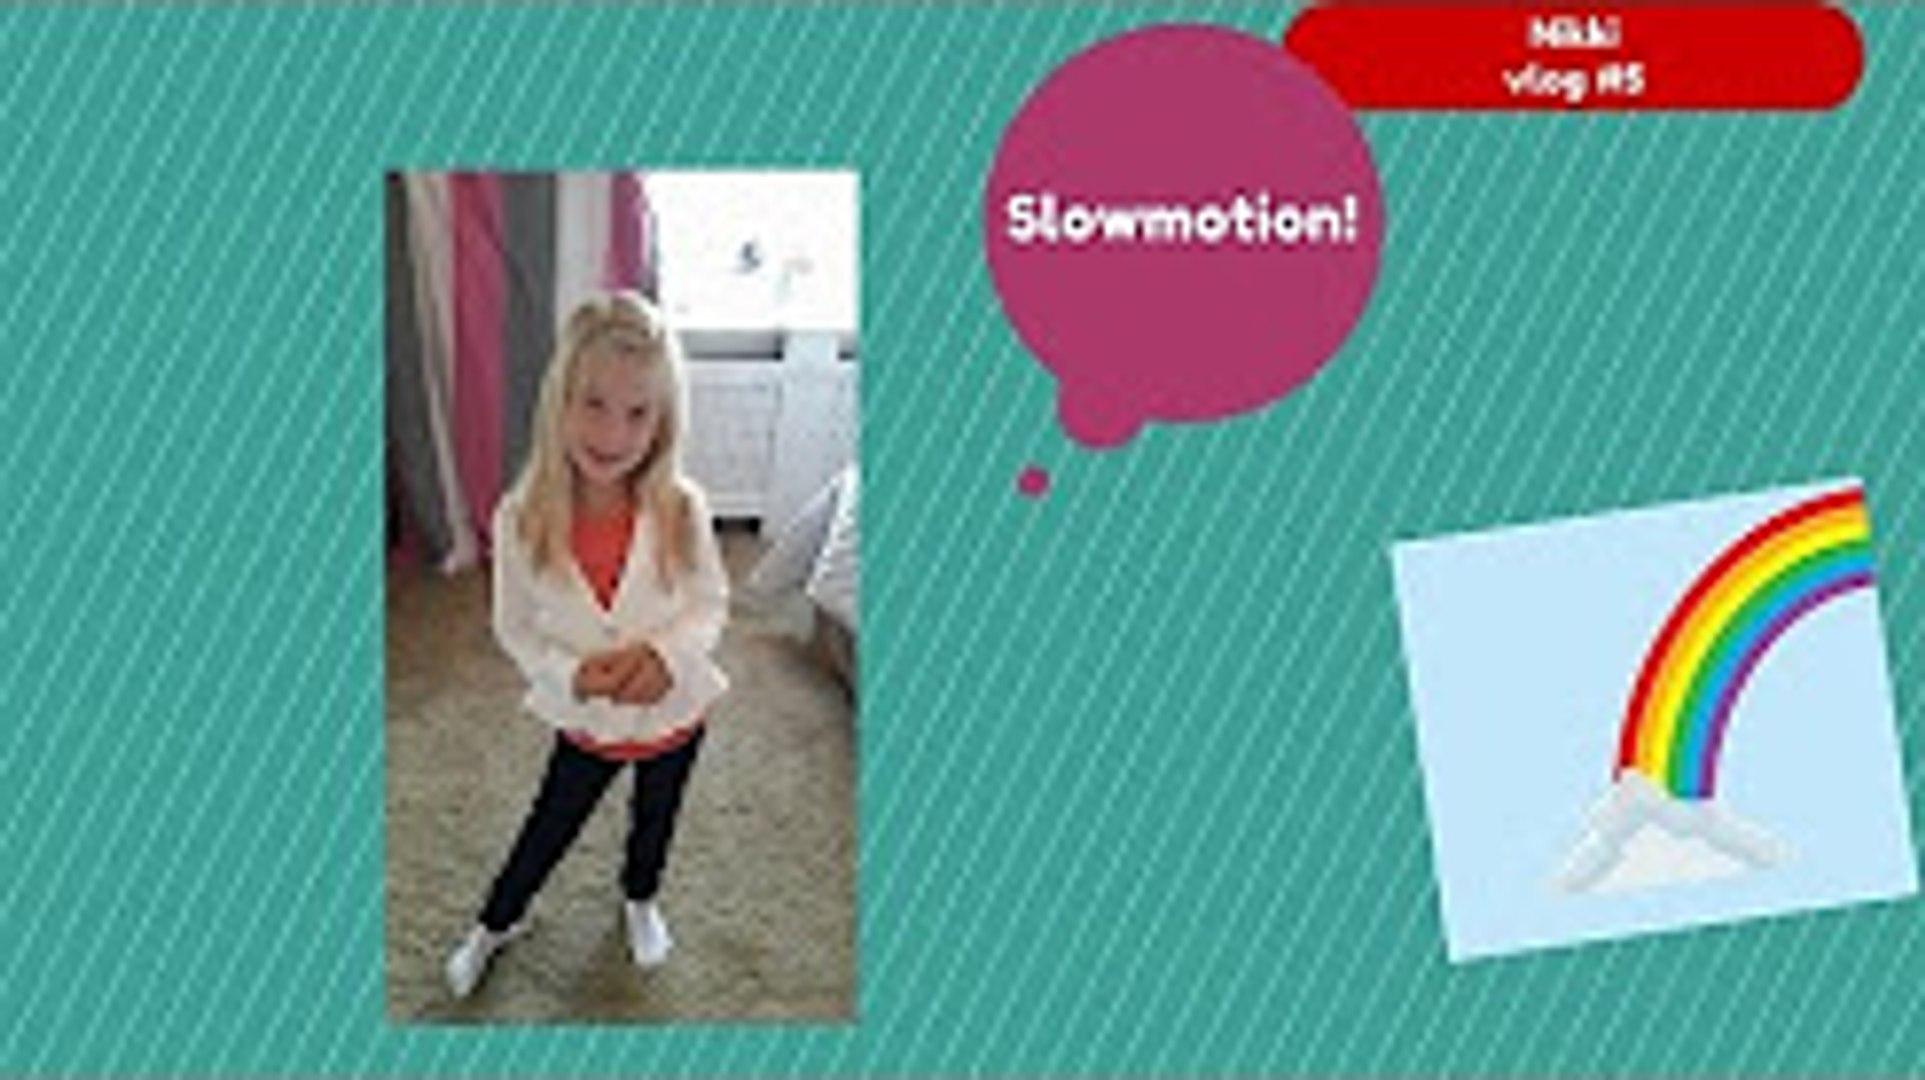 SLOWMOTION! #VLOG5 // Nikki Vlogs